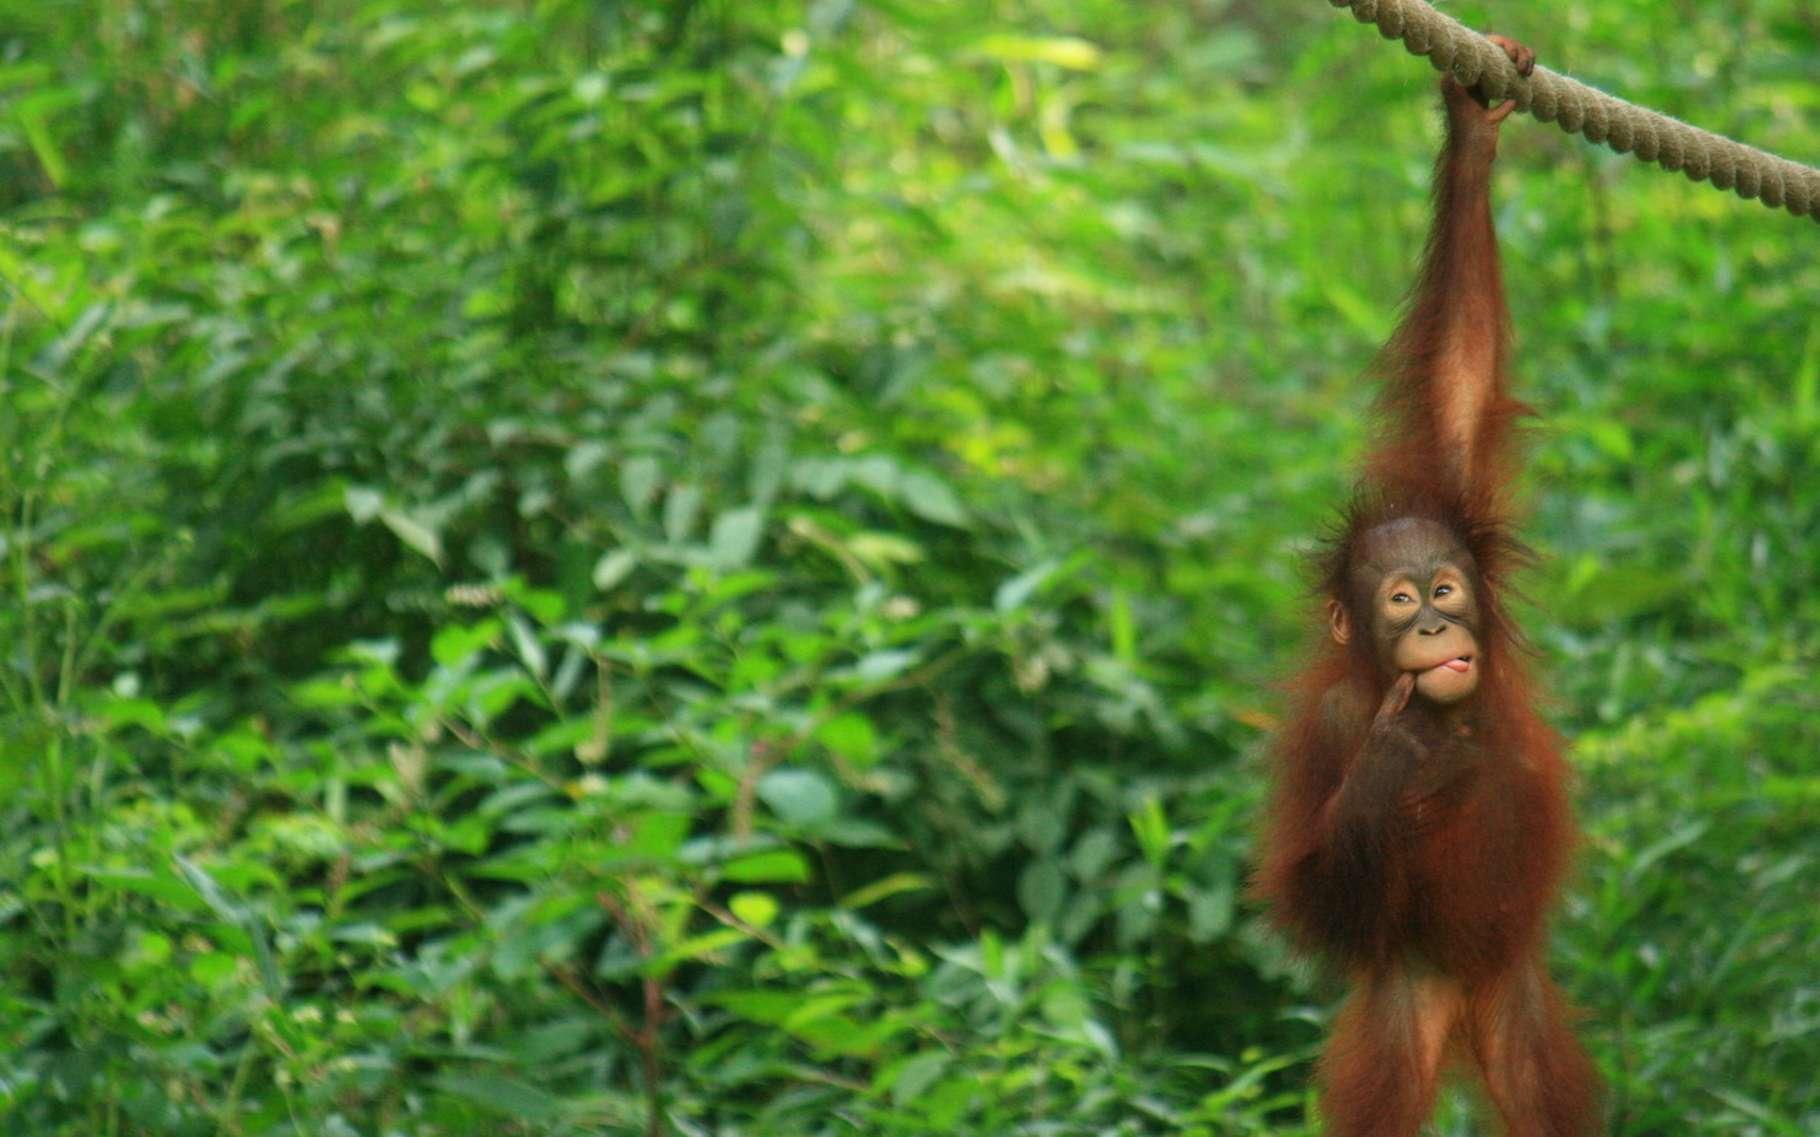 Alors que de nouveaux travaux éclairent leur intelligence, les orangs-outans continuent d'être menacés par la déforestation. © darock, Fotolia